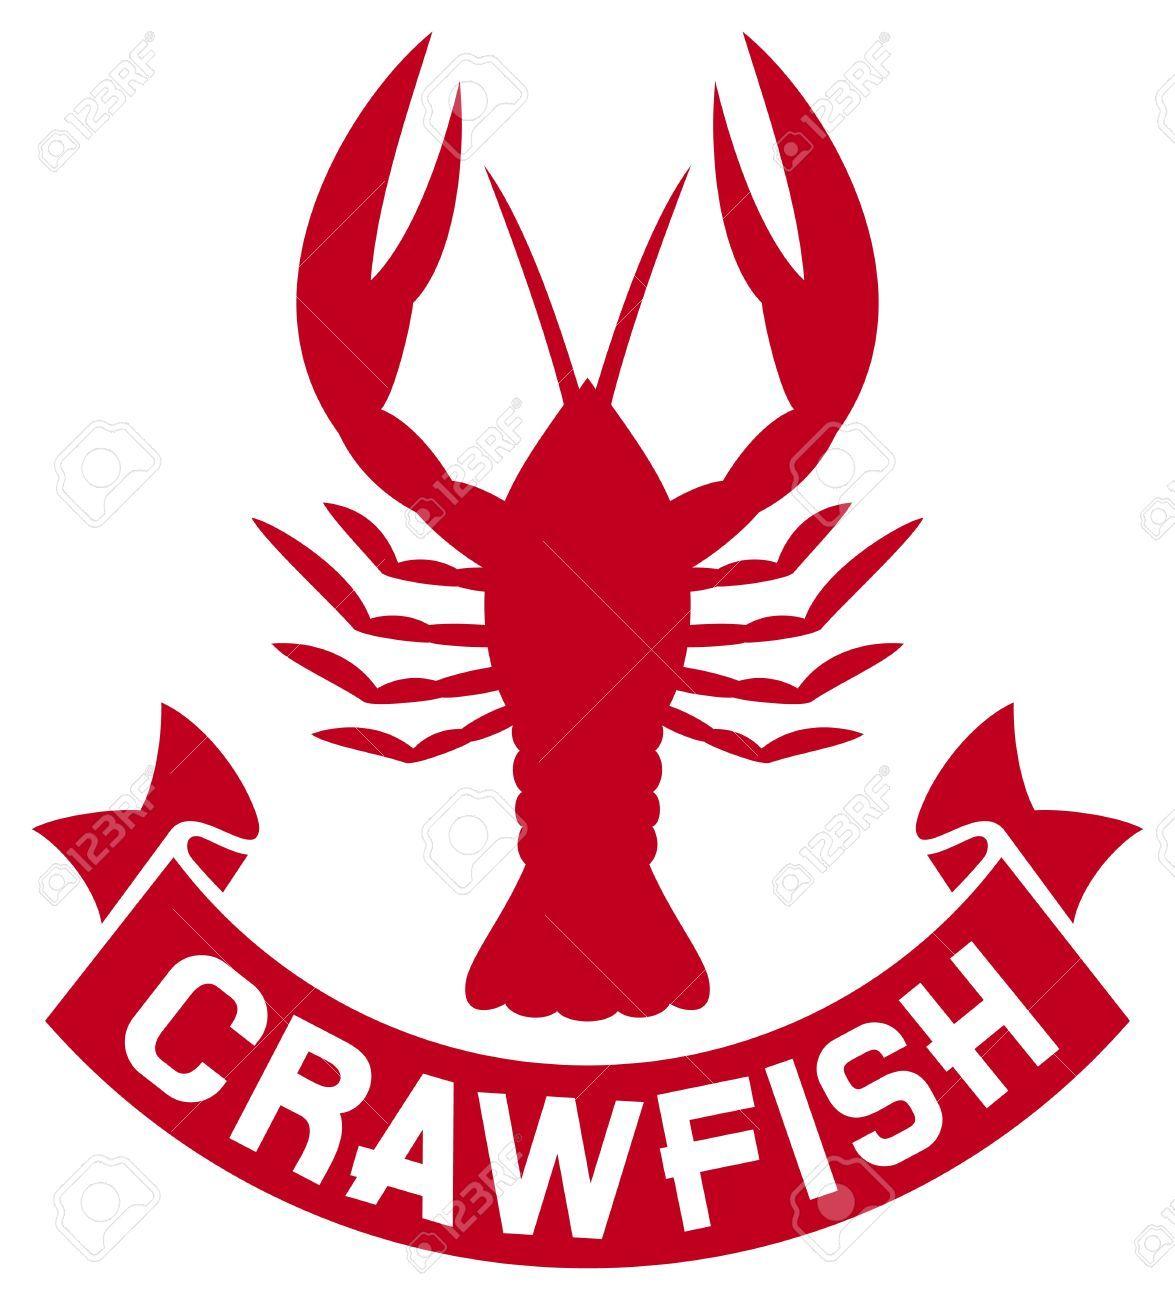 Crawfish Crawfish Label Crawfish Silhouette Crayfish